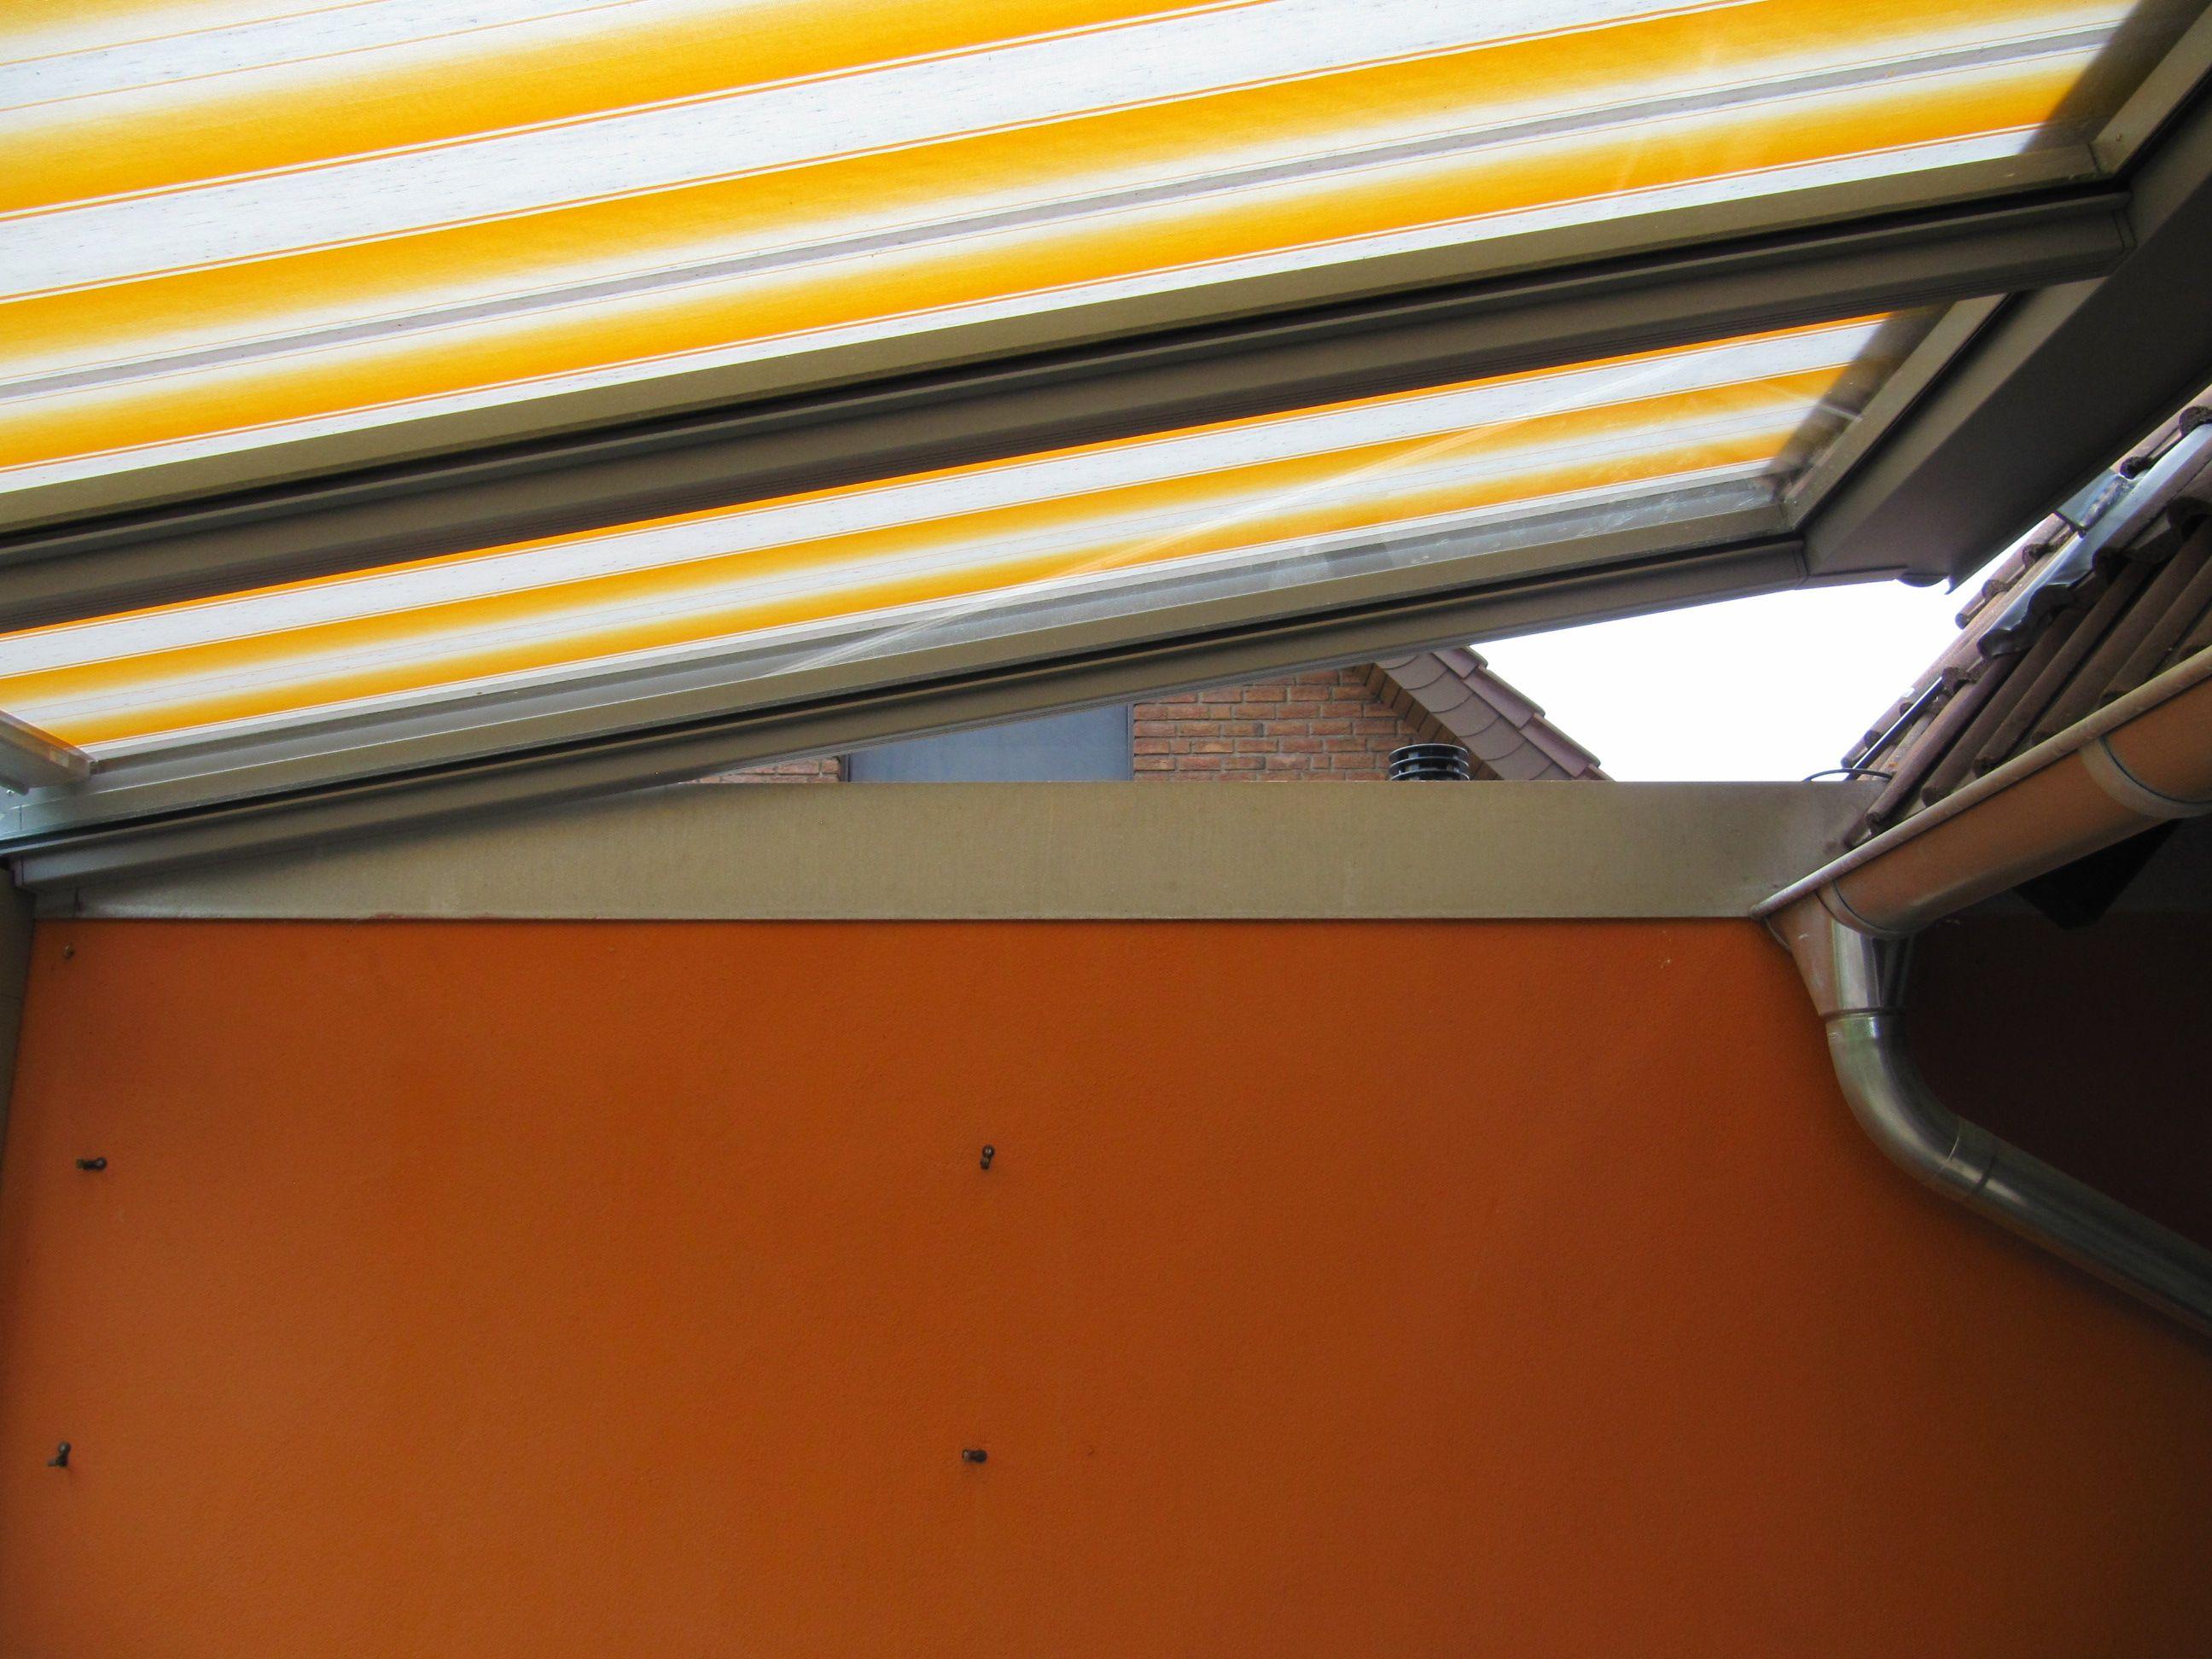 aufdachmontage hier ein terrassendach machen wir auch bei markisen so blick von der seite